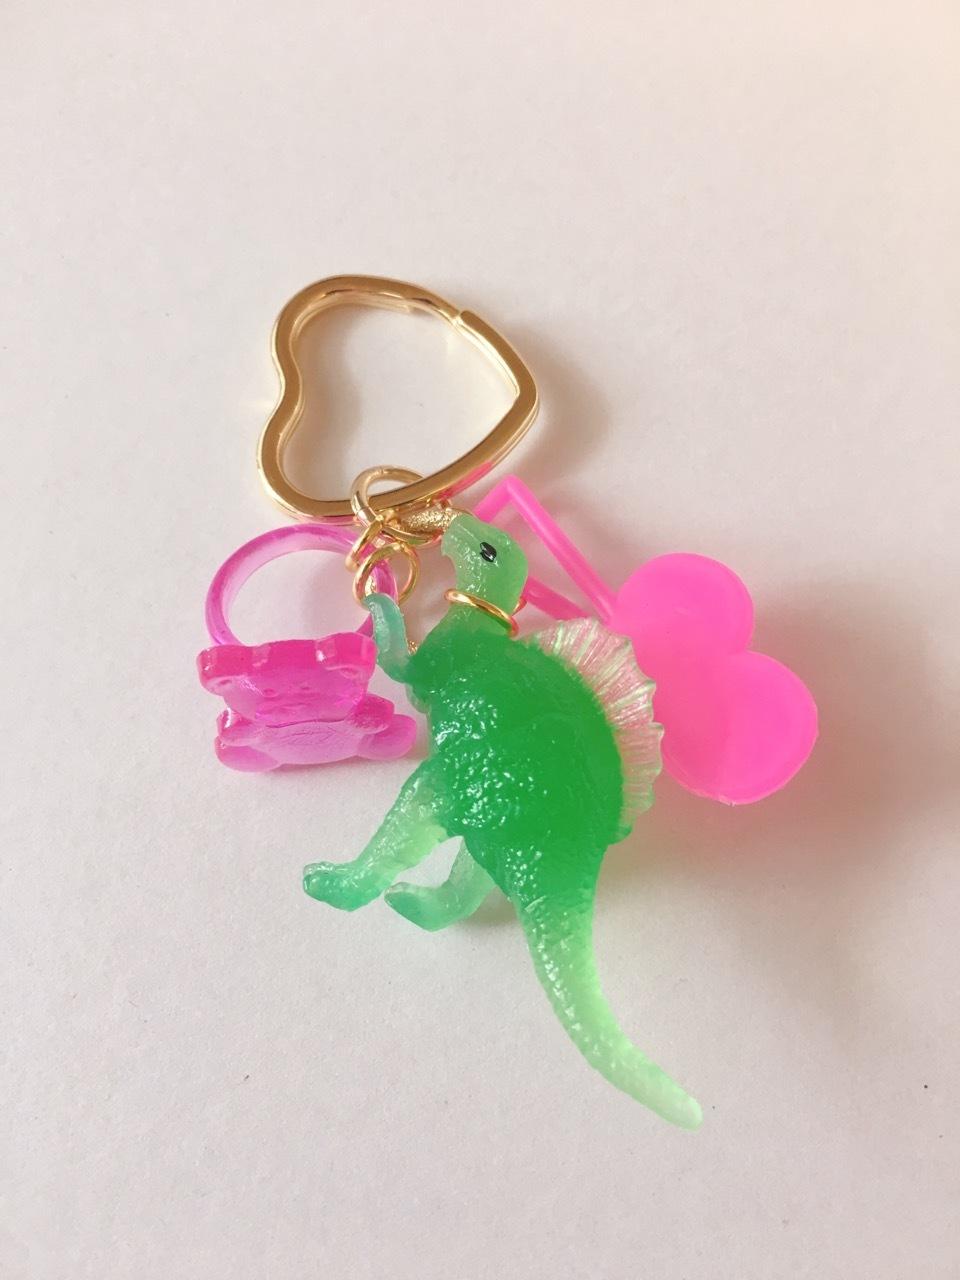 恐竜キーホルダー